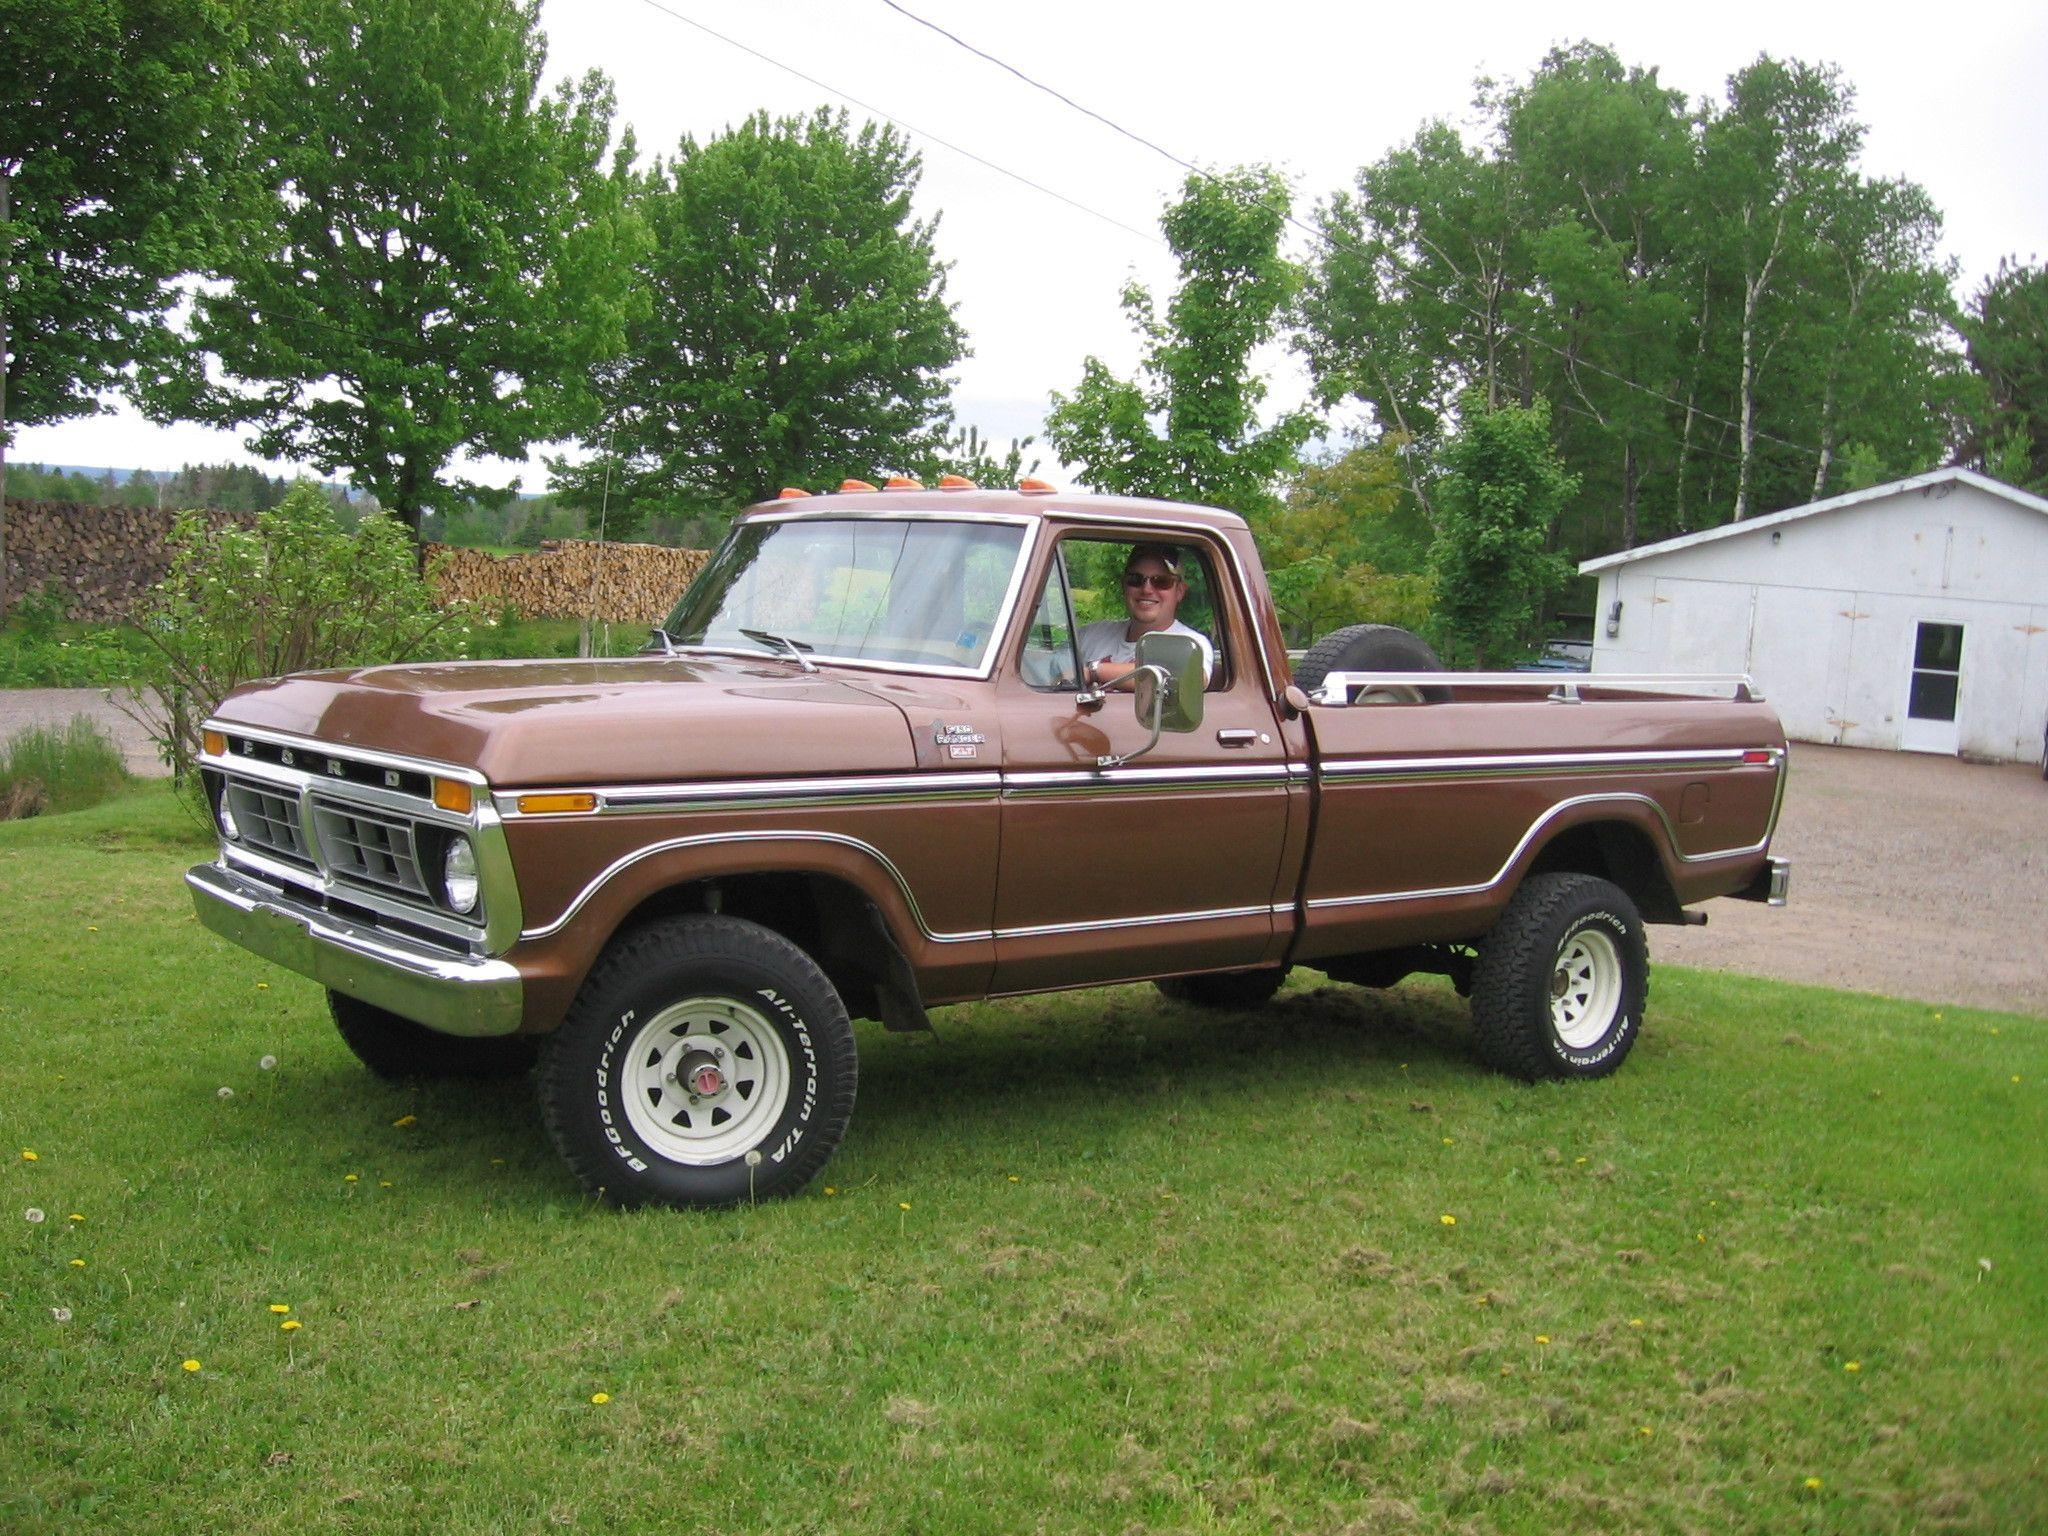 1976 Ford F150 Ranger Xlt 79 Ford Truck Best Car Insurance Ford Trucks